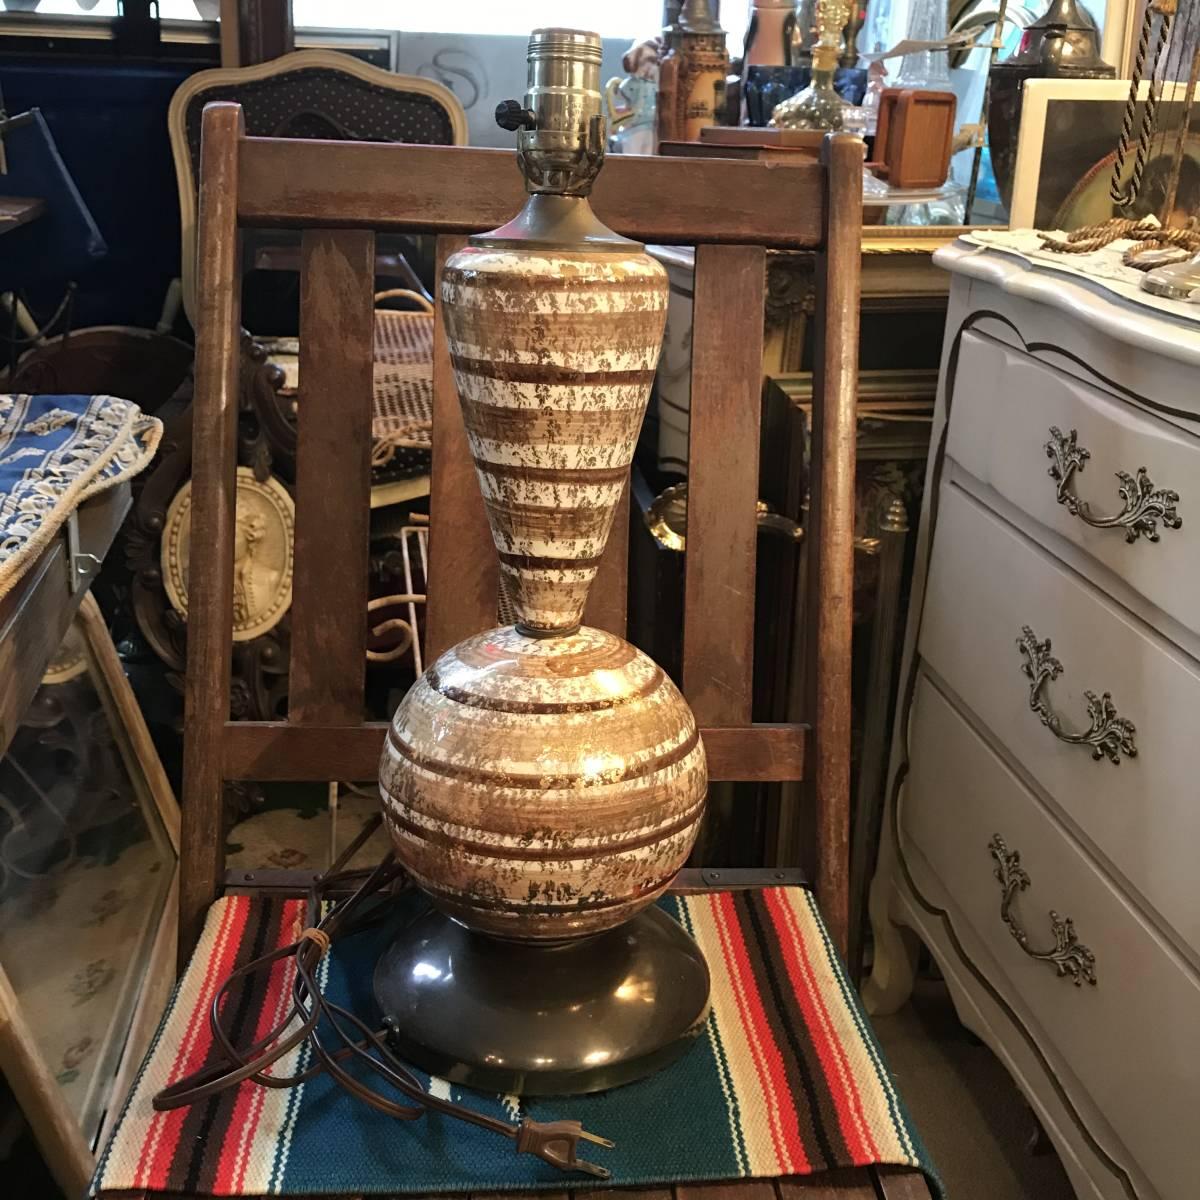 貴重!50'sアメリカアンティーク 茶×白×金色ランプ USA製ヴィンテージ家具Antiqueミッドセンチュリー/カリフォルニア西海岸60's70's_画像1